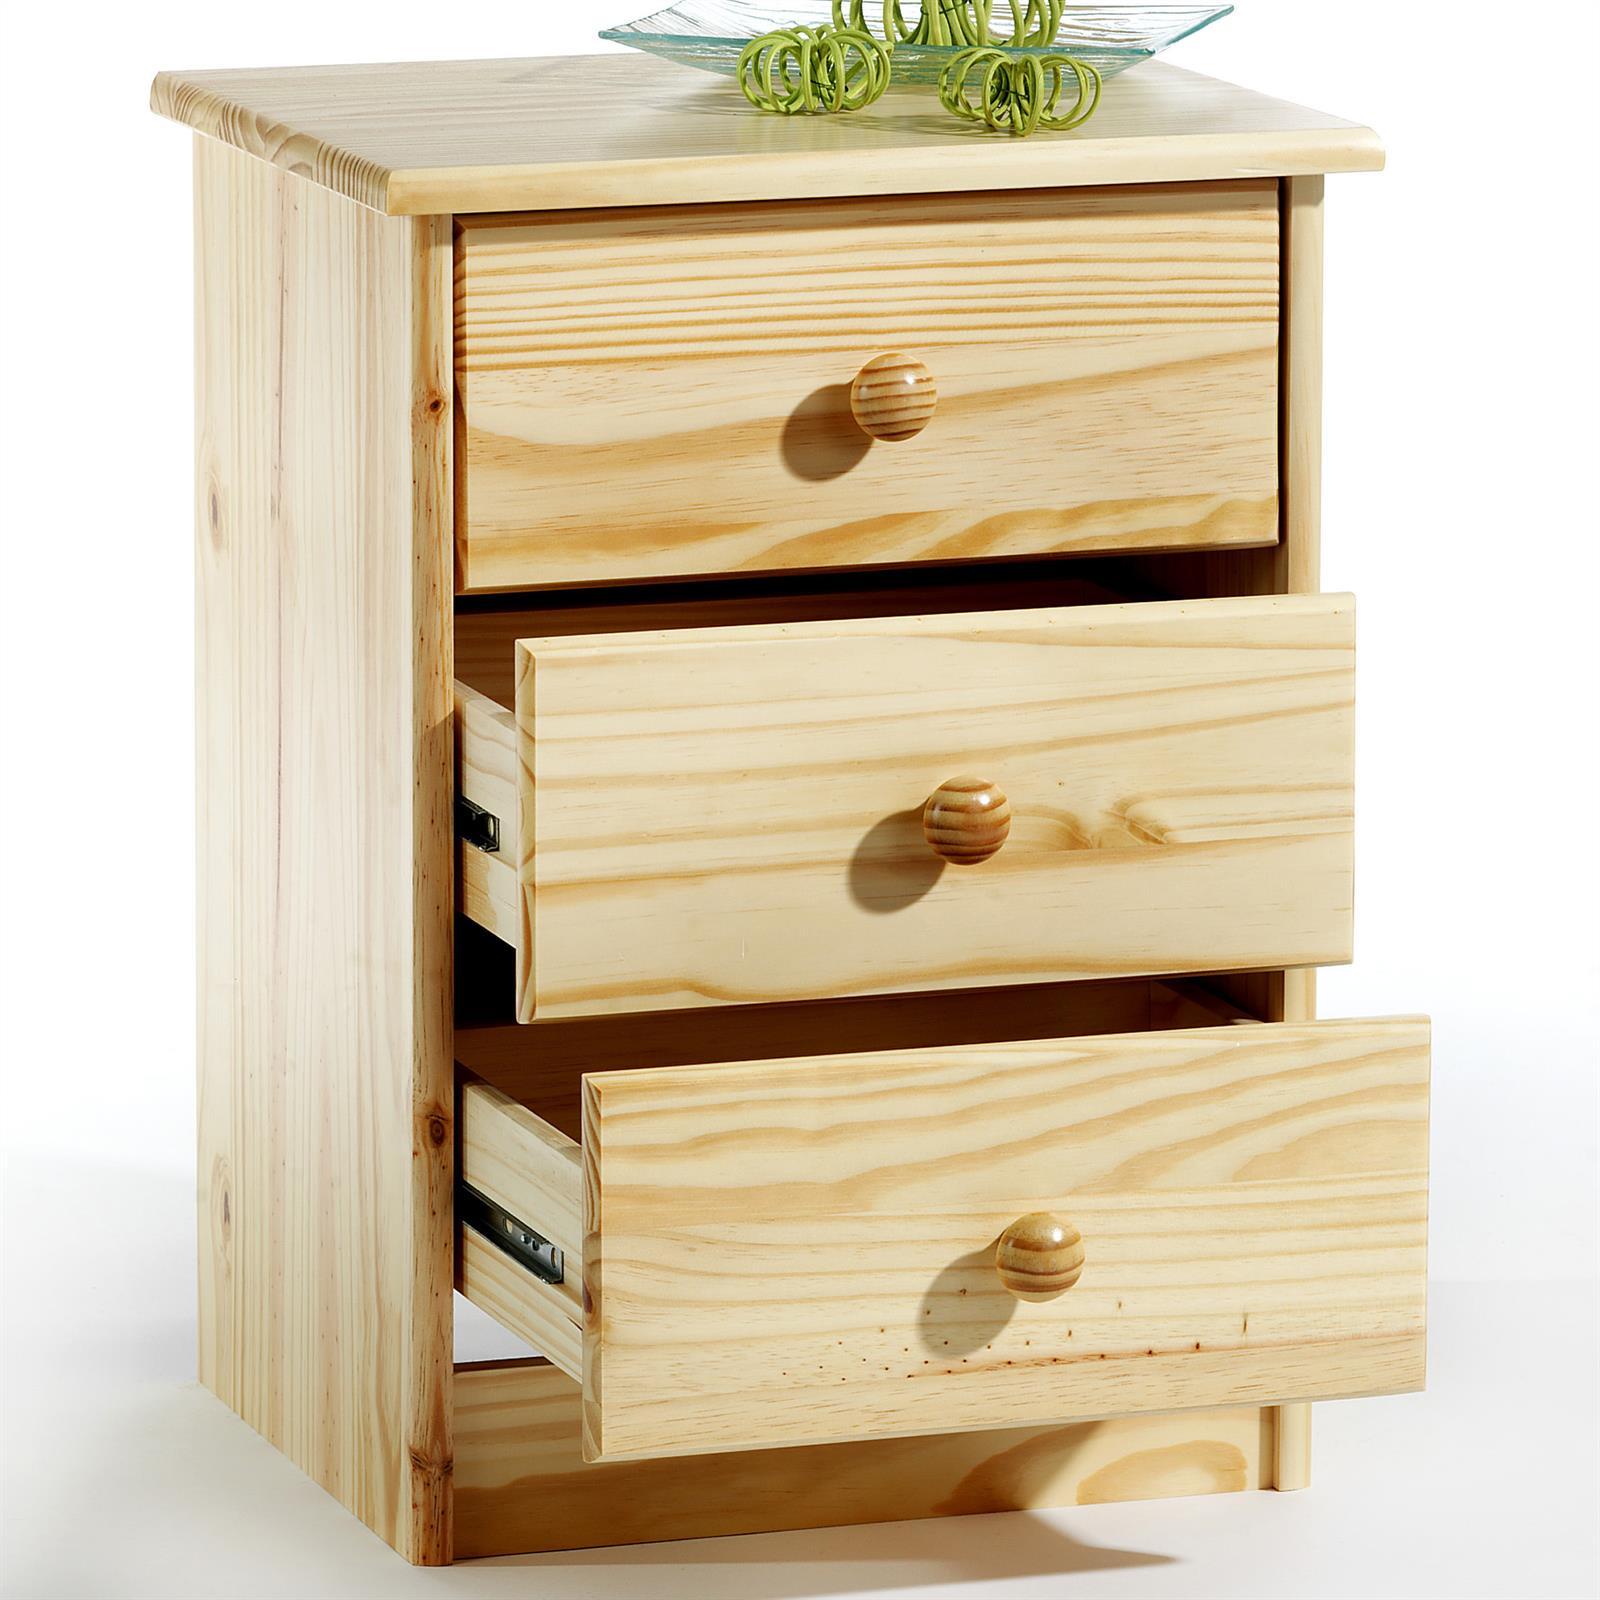 Table de chevet en pin rondo vernis naturel mobil meubles - Table de chevet en pin ...